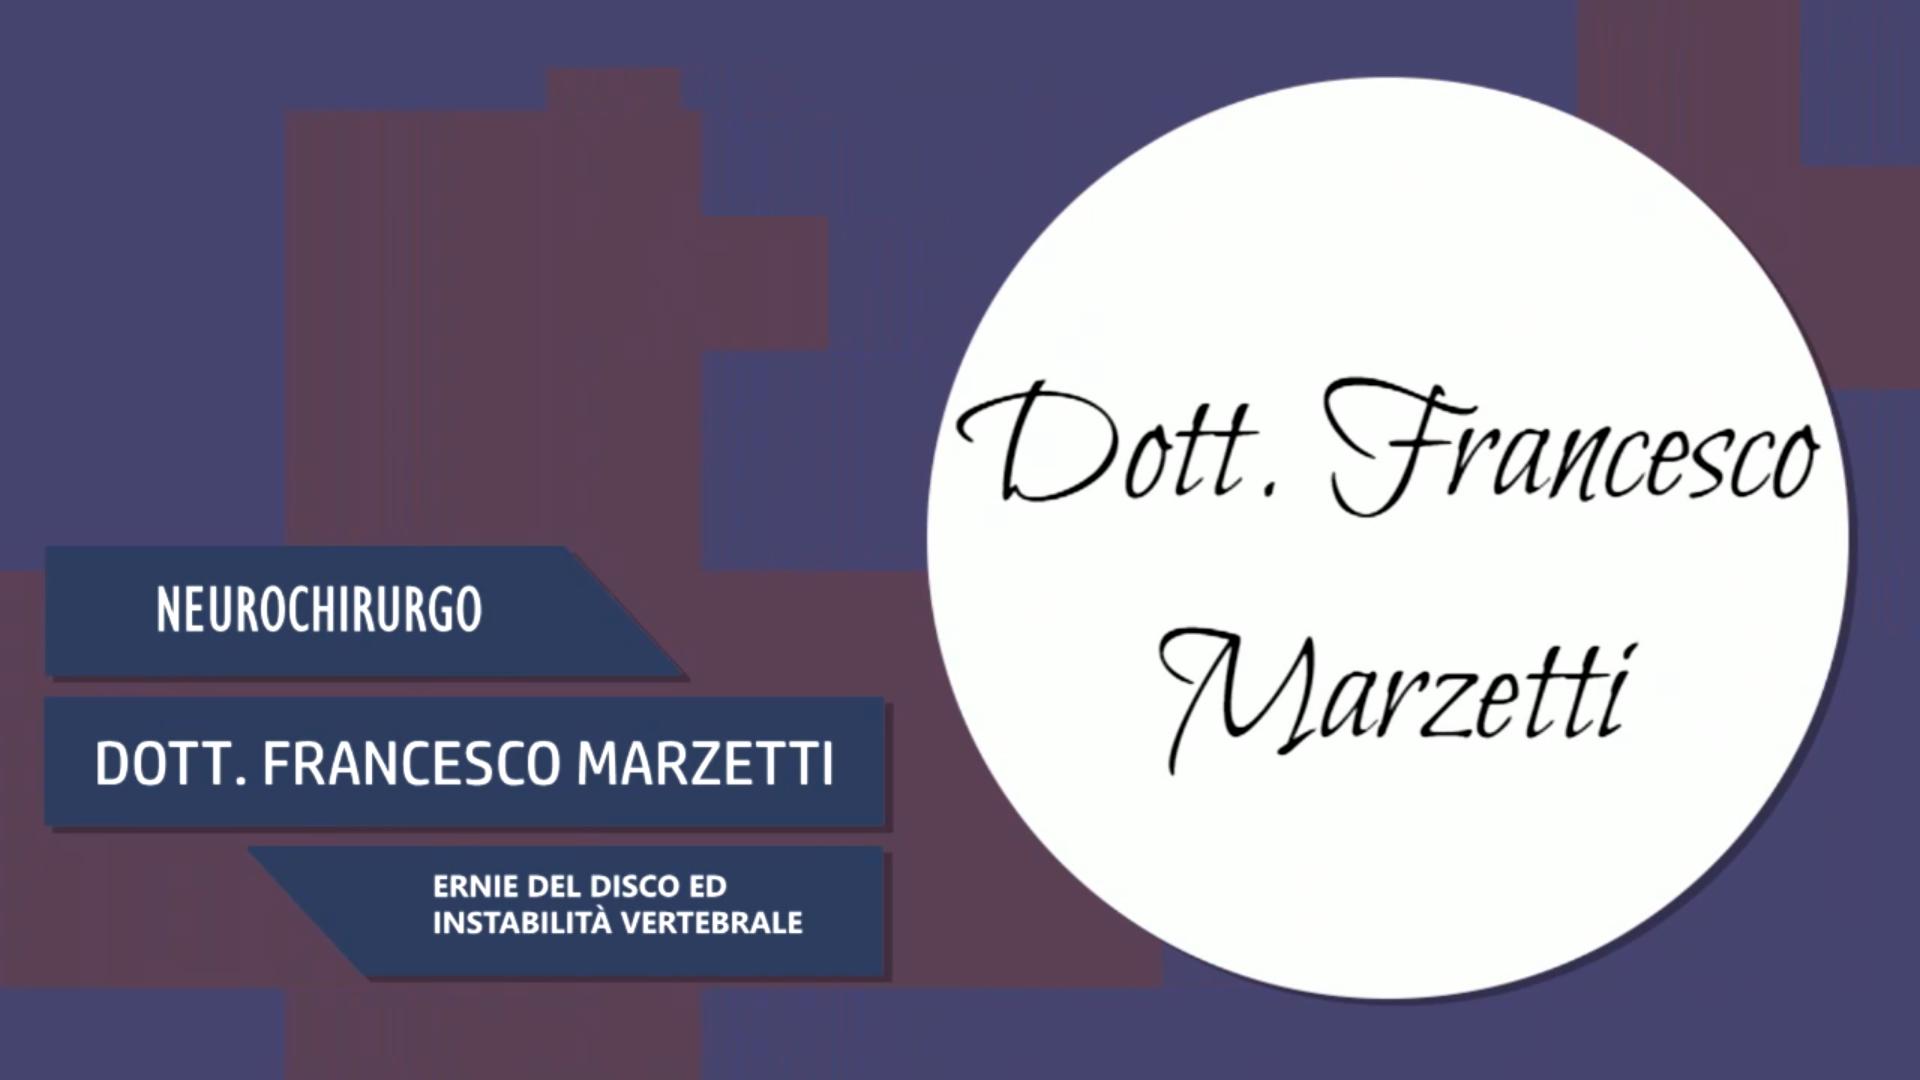 Intervista al Dott. Francesco Marzetti – Ernie del disco ed instabilità vertebrale